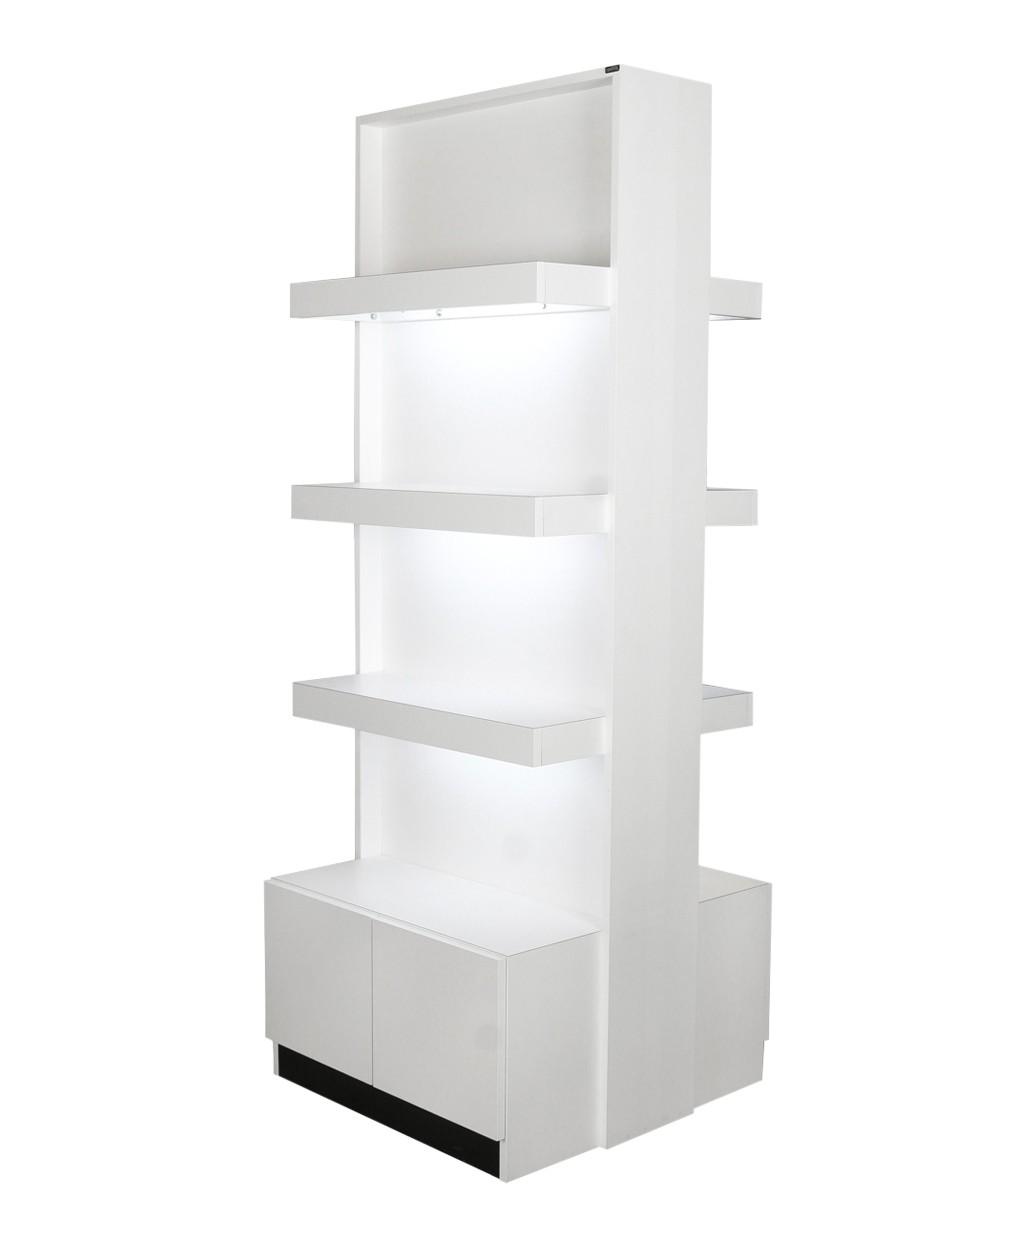 Collins 6649 Zada Retail Display w/ Light & Storage